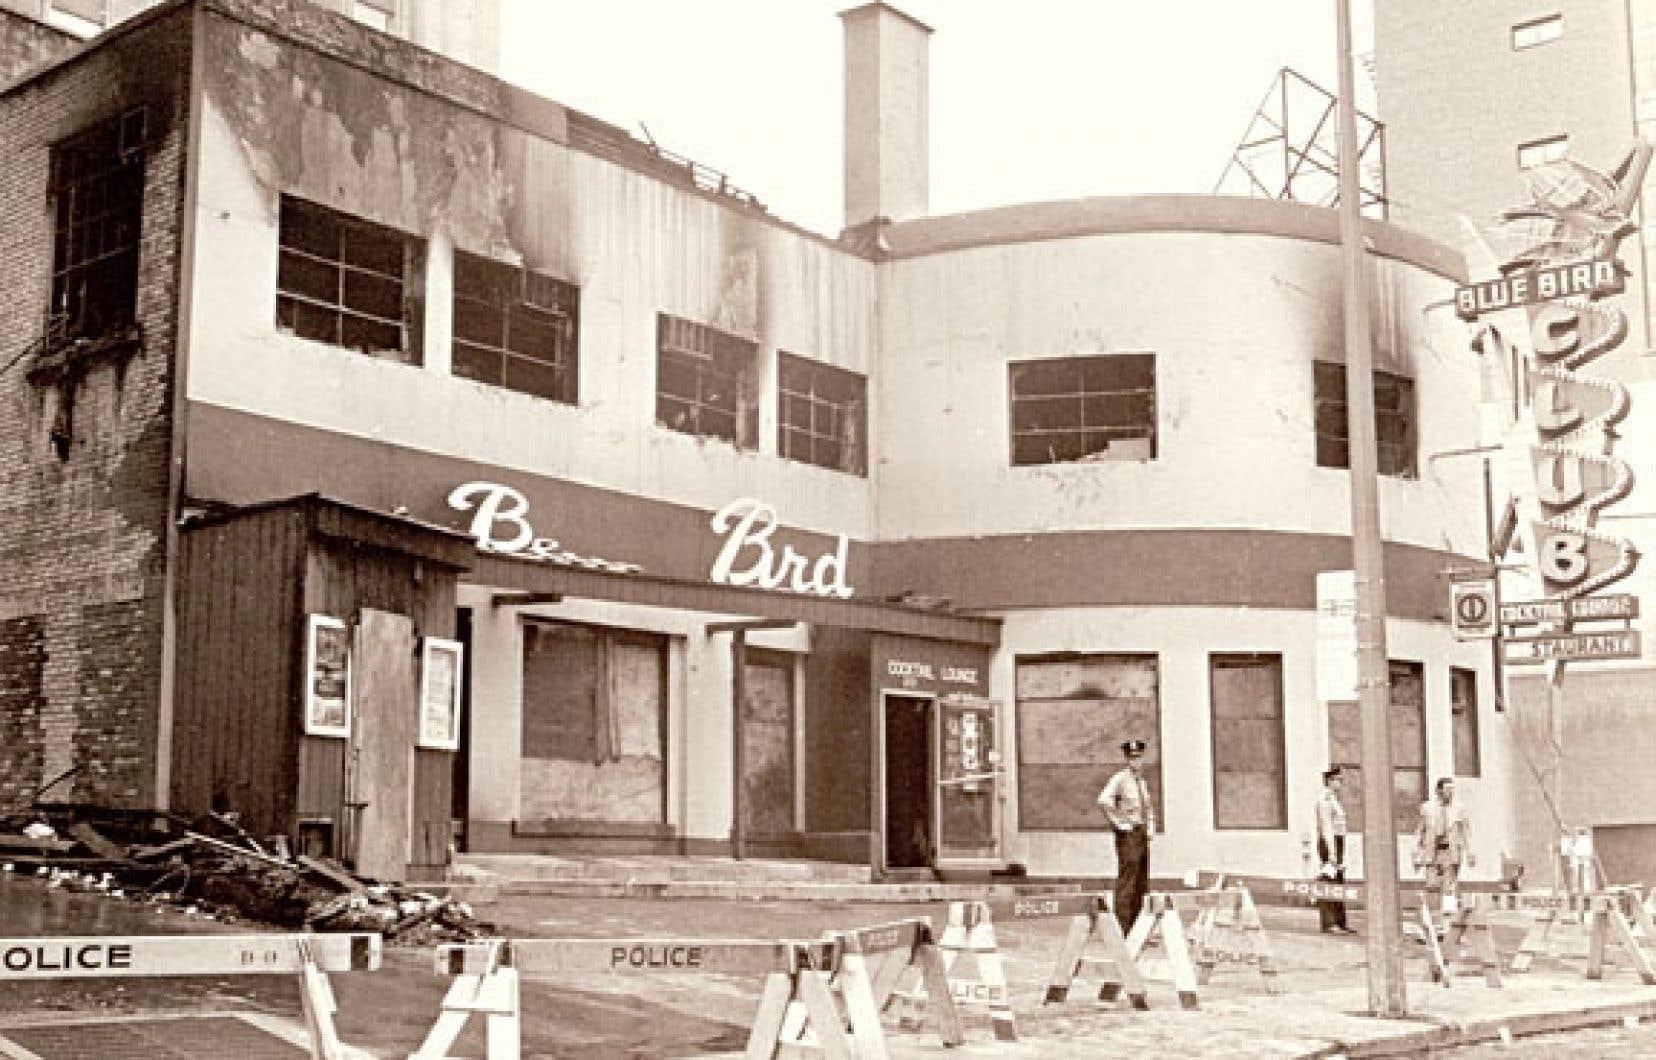 <div> La façade du Blue Bird Café, avenue Union, au lendemain de l'incendie criminel qui a fait 37 victimes.</div>